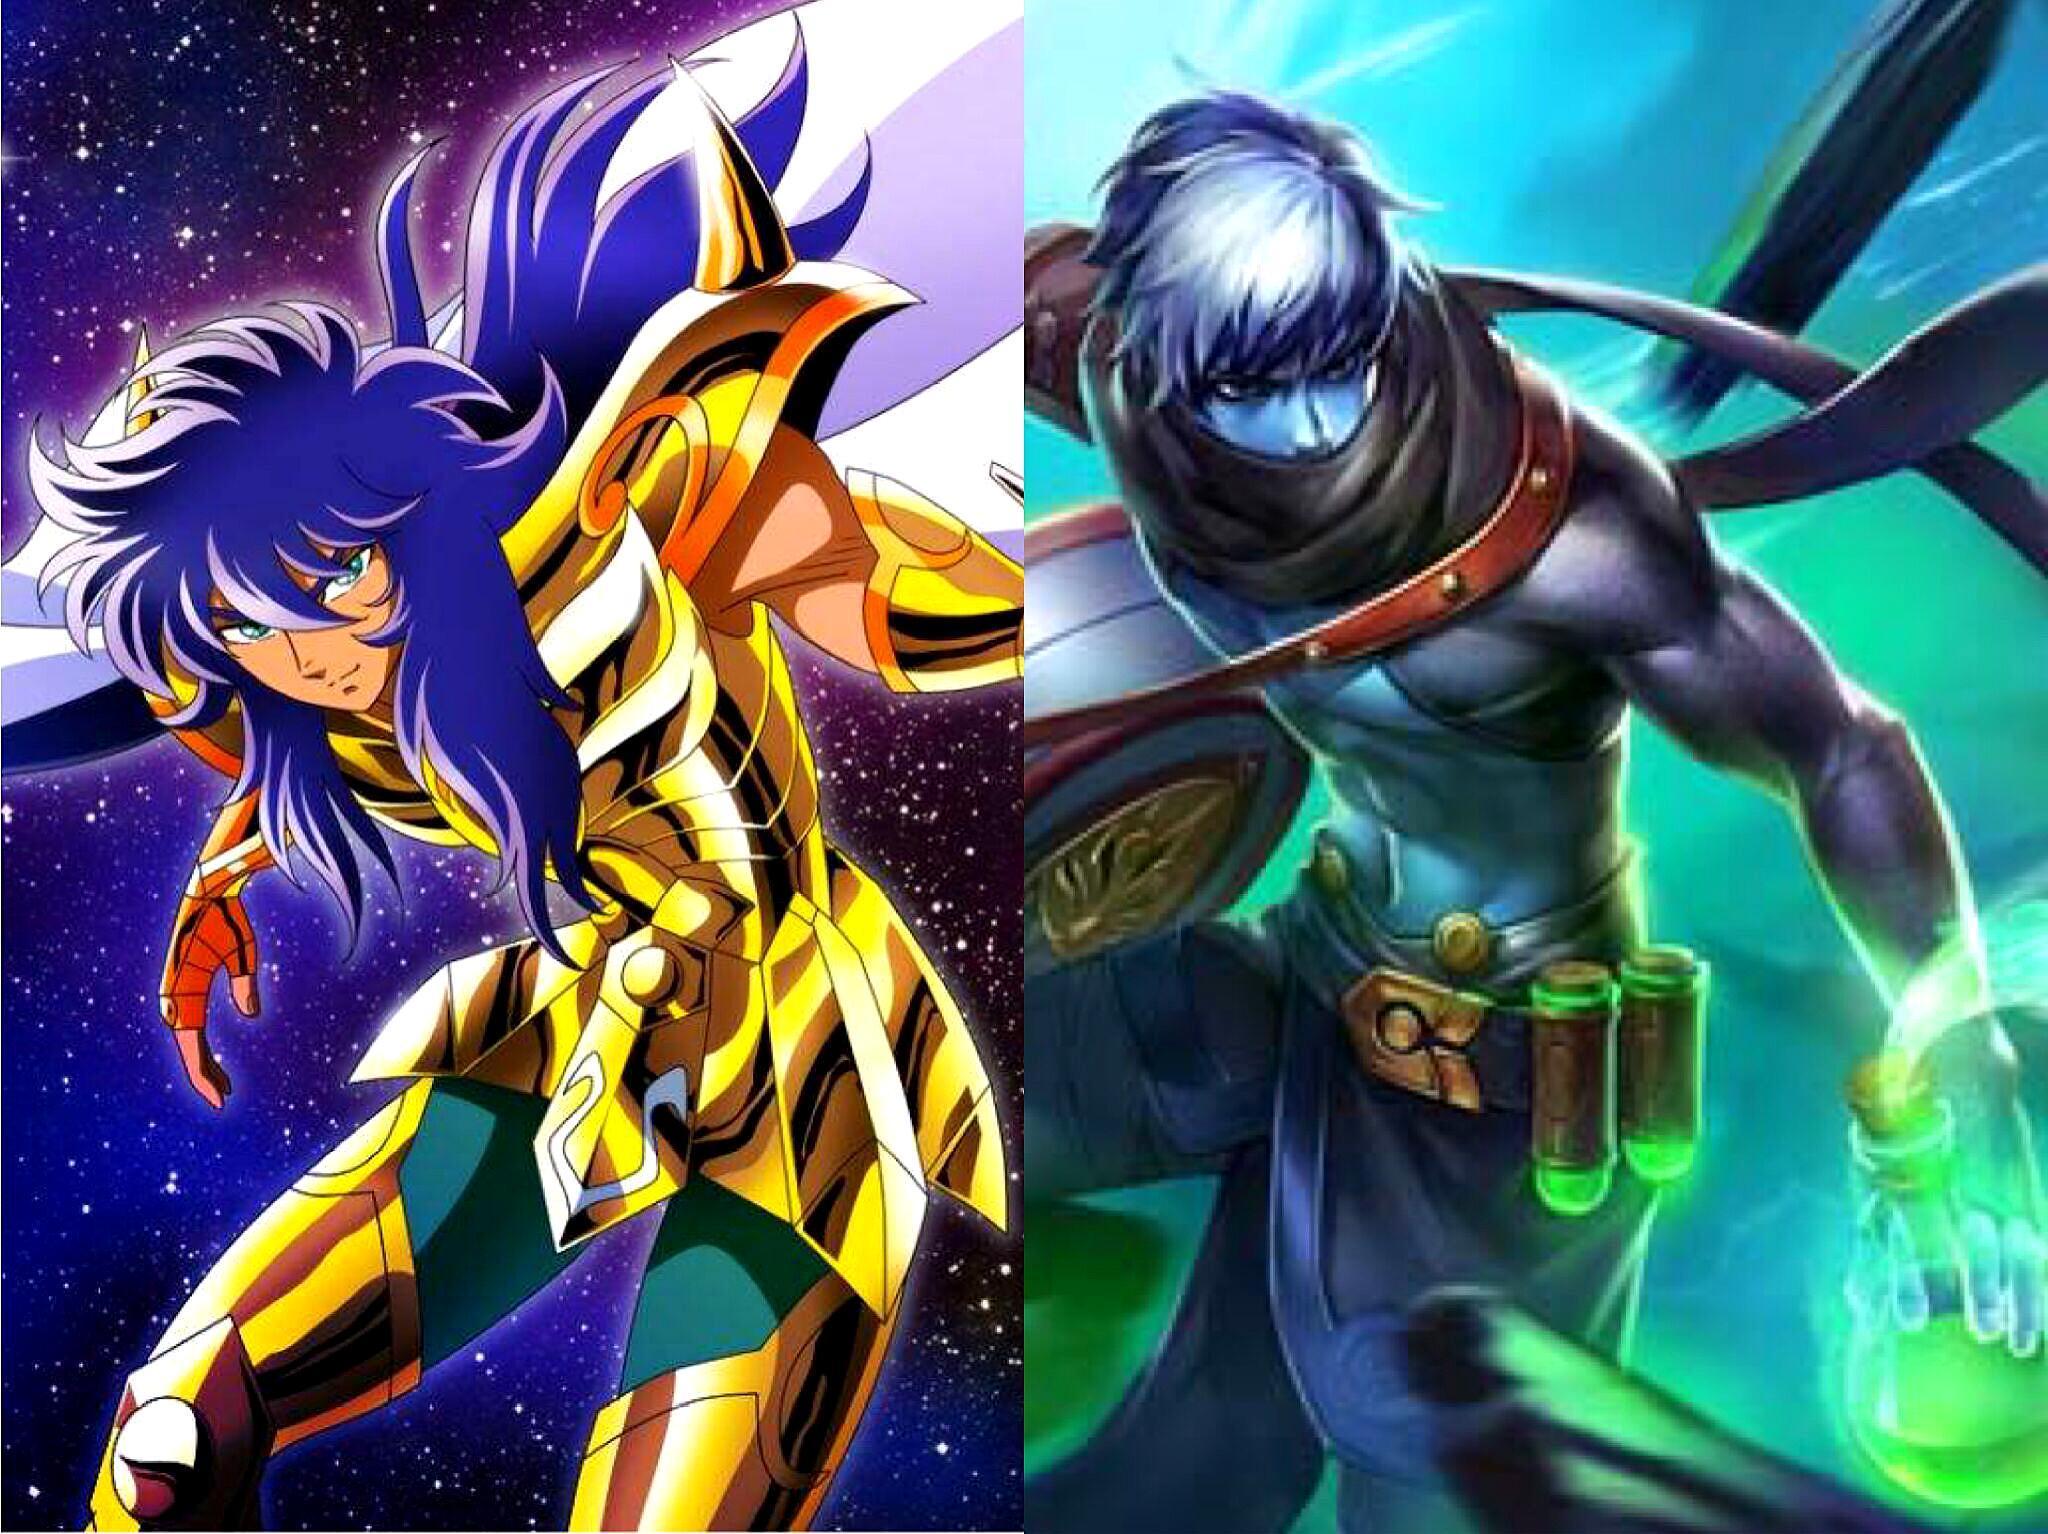 王者榮耀:圣斗士新皮膚指向元歌,還有三位英雄有望出星座皮膚圖片